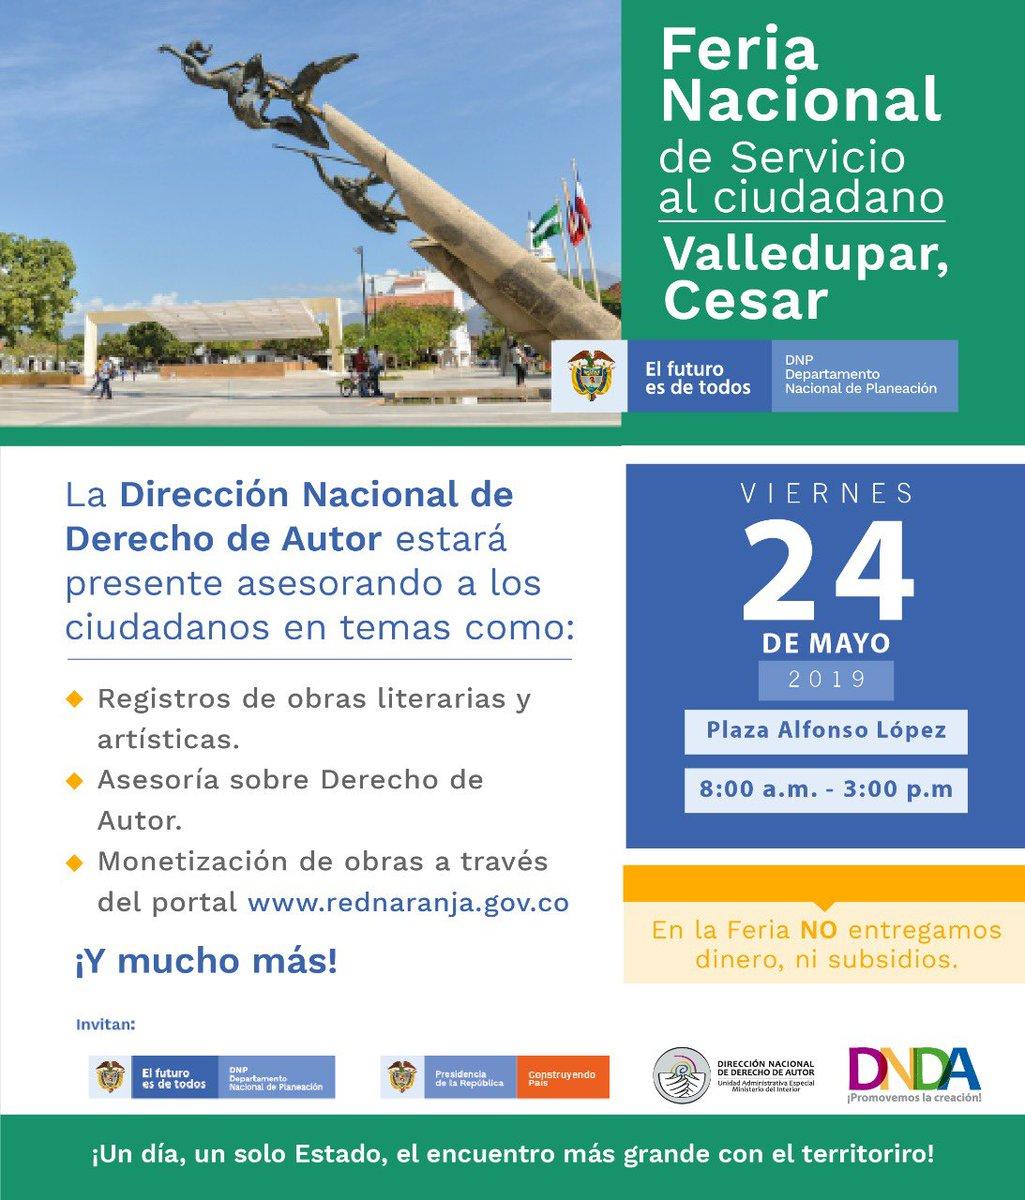 #Cesarences de 19 mpios han utilizado el registro en línea d #DerechoDeAutor: #Valledupar #Codazzi #Aguachica #Curumani #Pelaya #Chiriguana #RioDeOro #ElPaso #LaPaz #LaGloria #Astrea #Bosconia #LaJagua #LaLoma #Pailitas #Manaure #SanAlberto #Chimichagua #ElCopey #ConstruyendoPaís